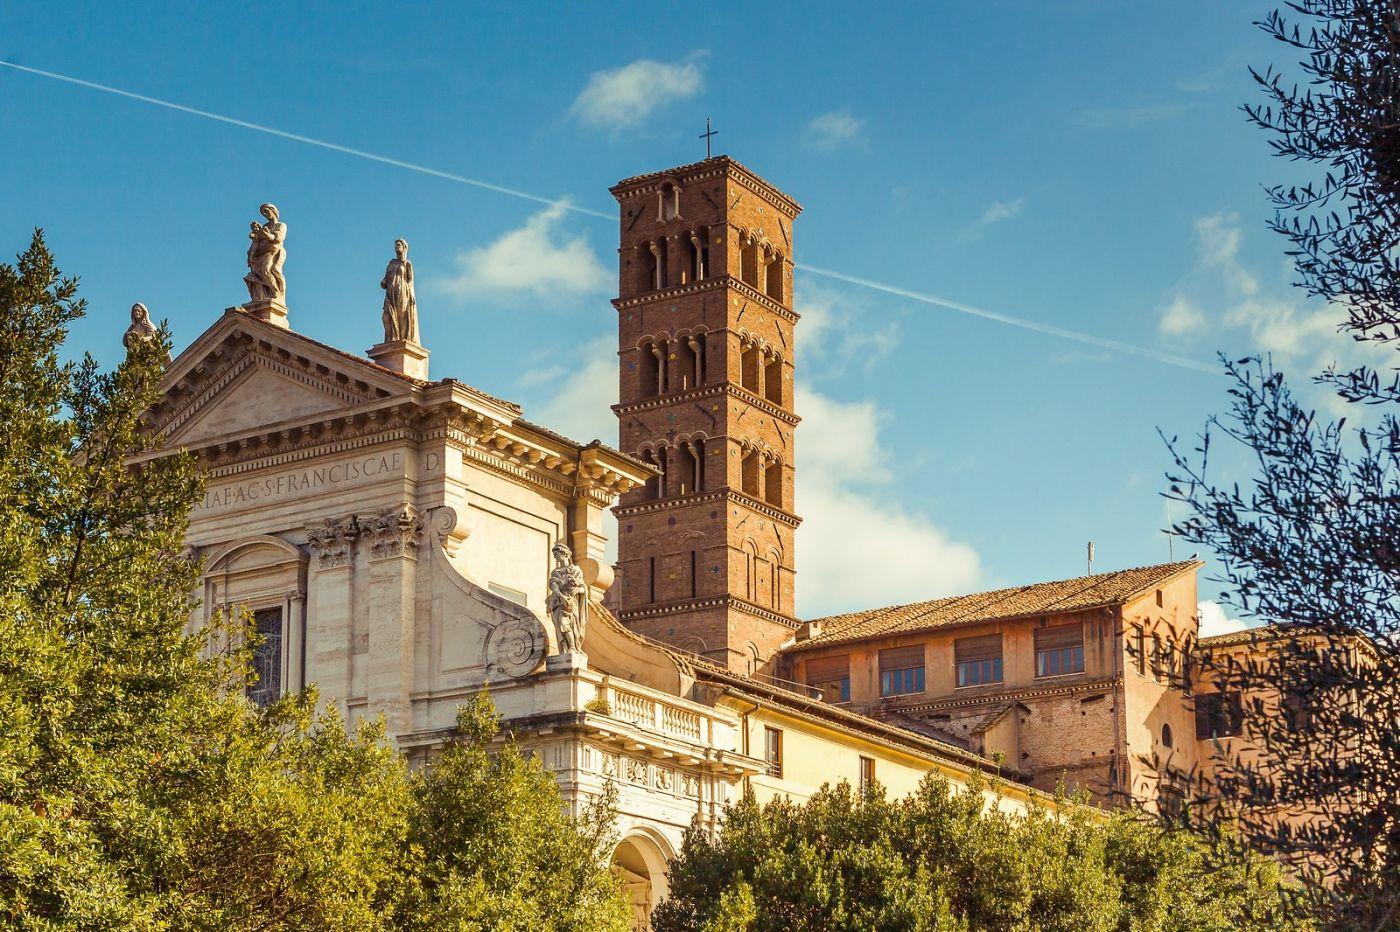 意大利罗马论坛,二千年的历史_图1-15